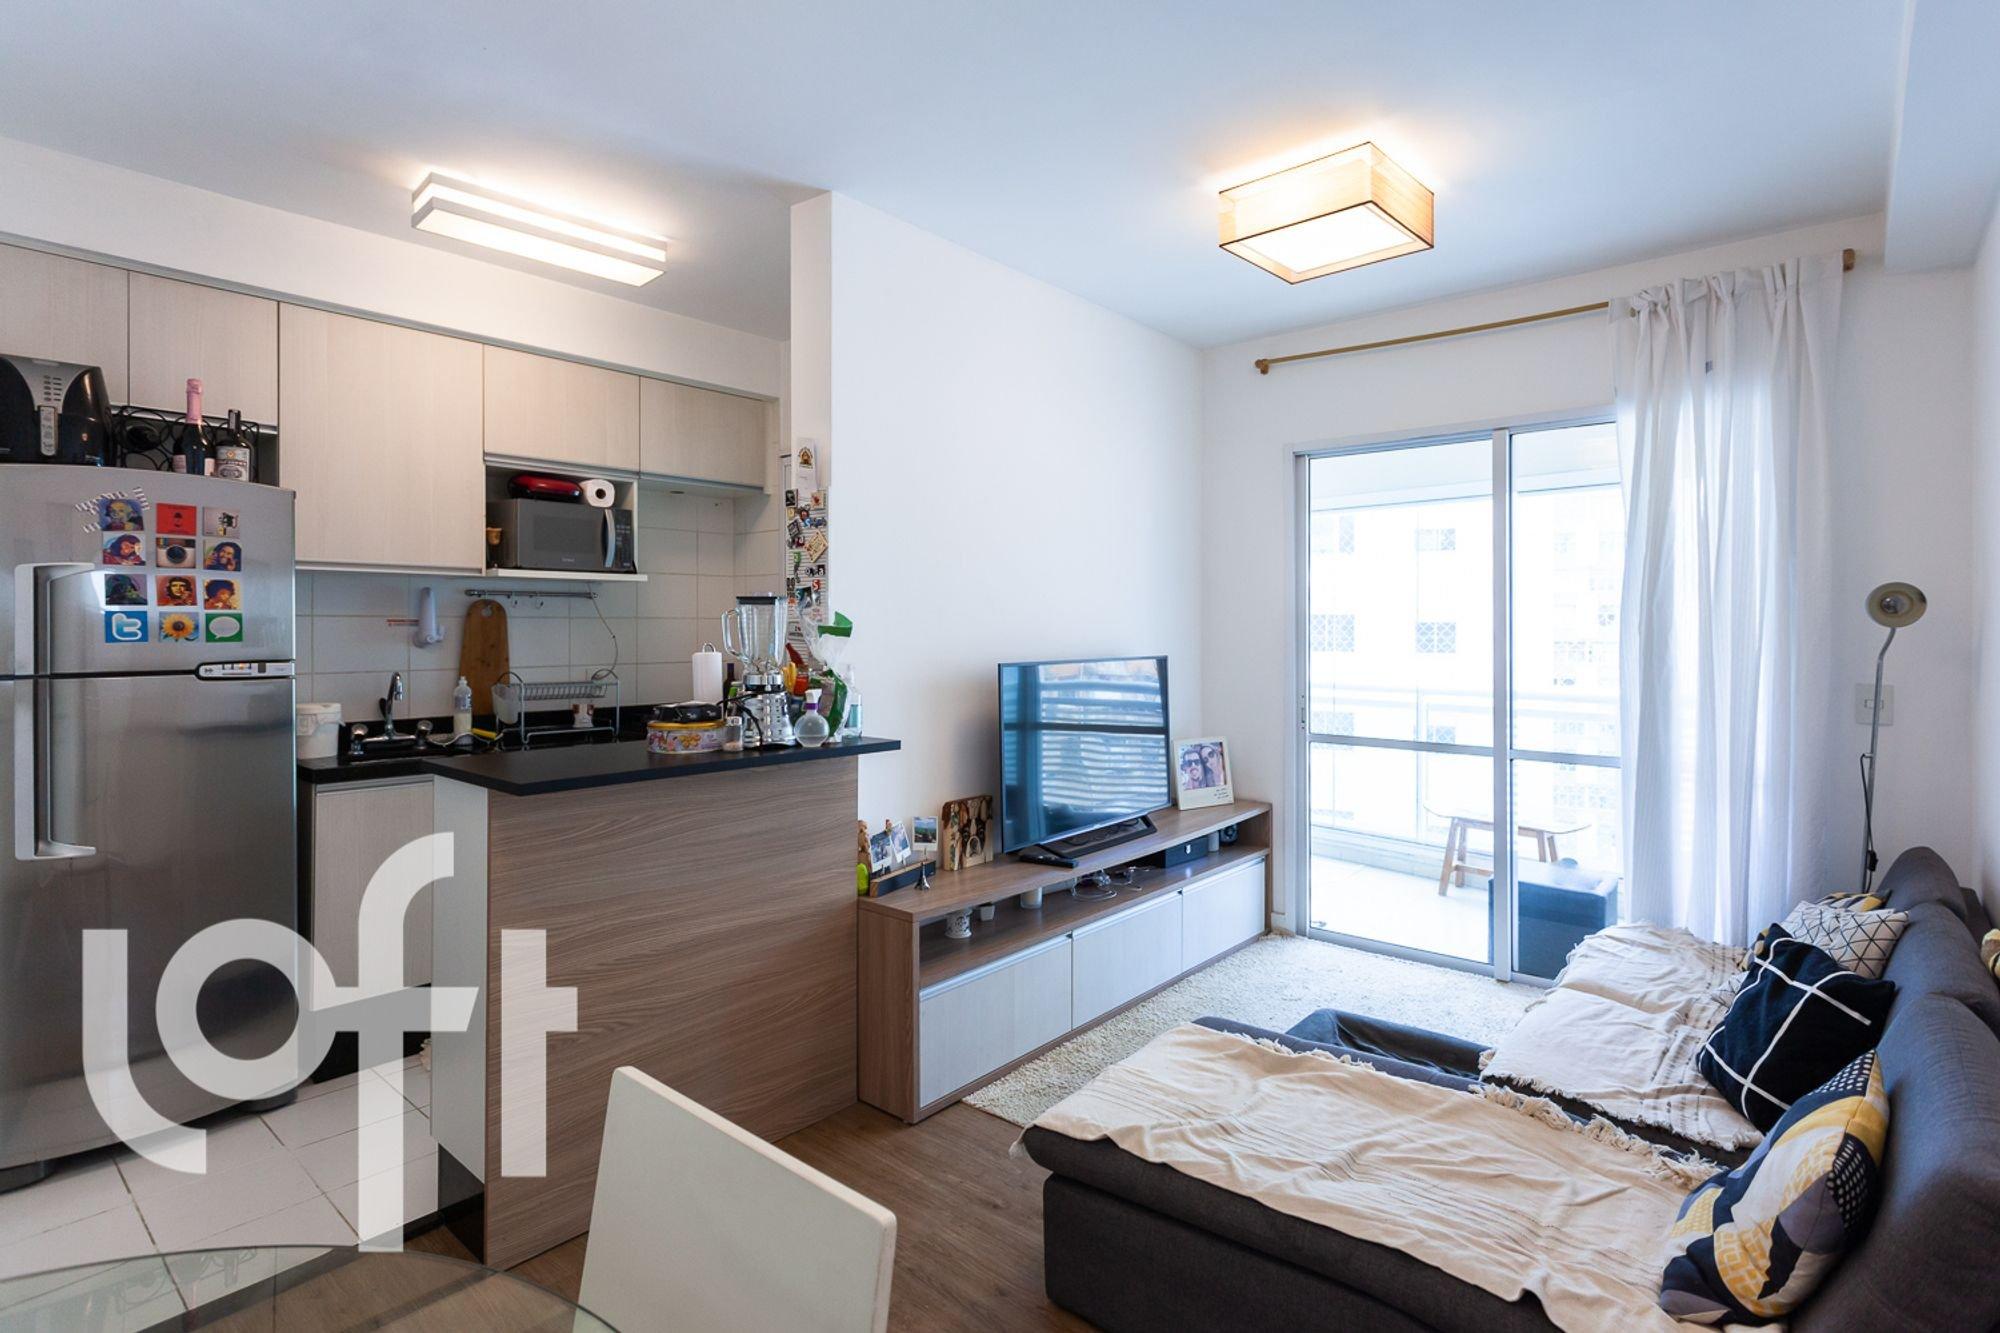 Foto de Cozinha com cama, garrafa, geladeira, microondas